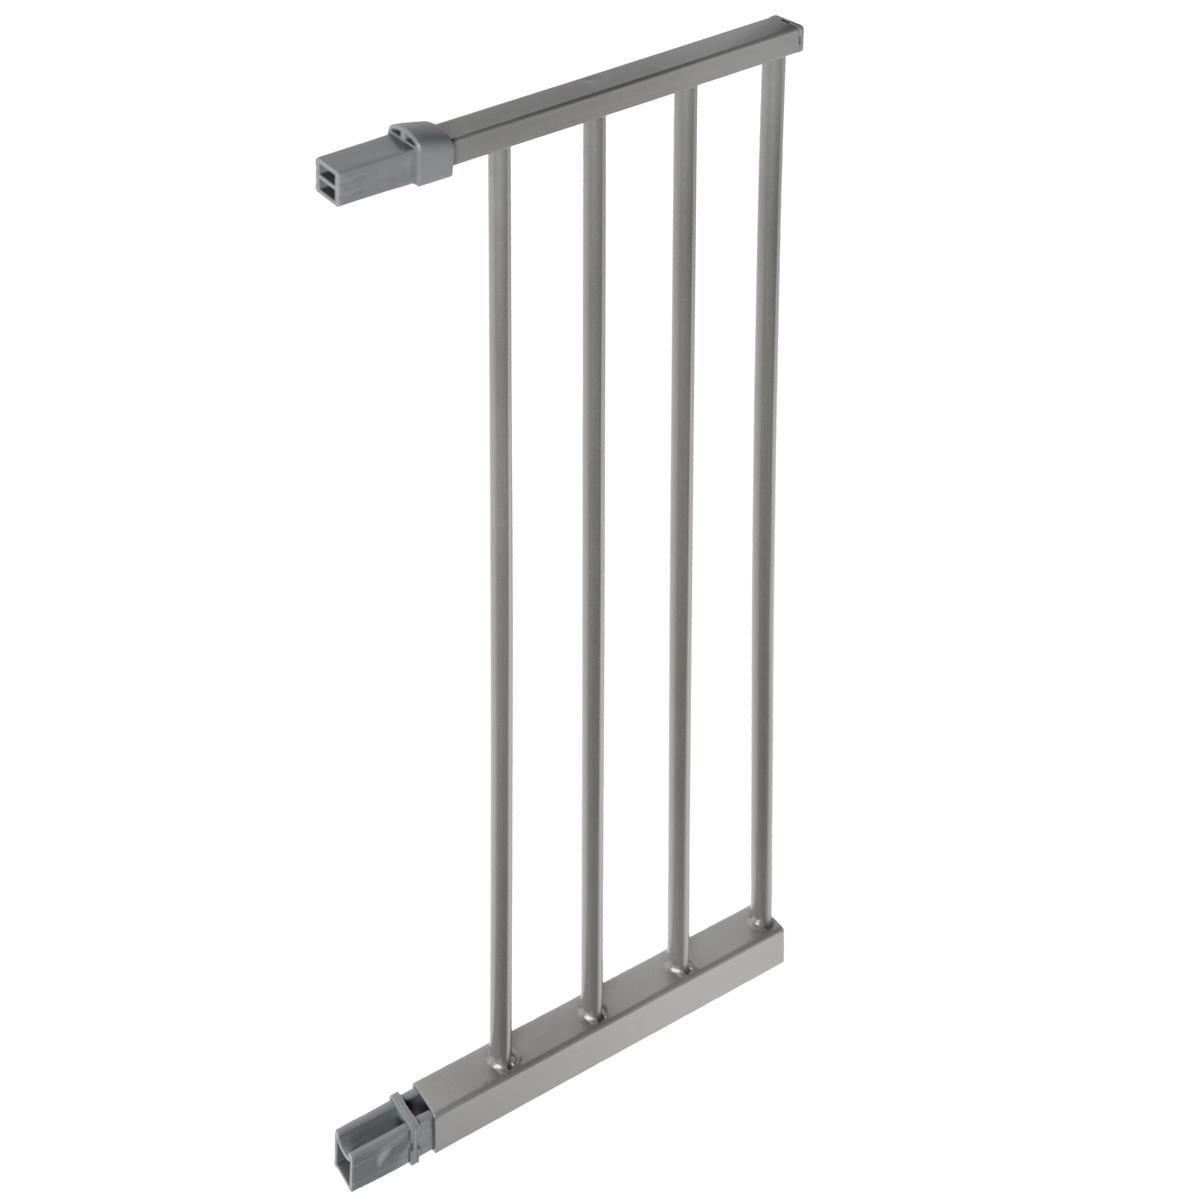 Дополнительная секция к защитным воротам Lindam  Sure Shut , цвет: серебристый, 28 см -  Блокирующие и защитные устройства